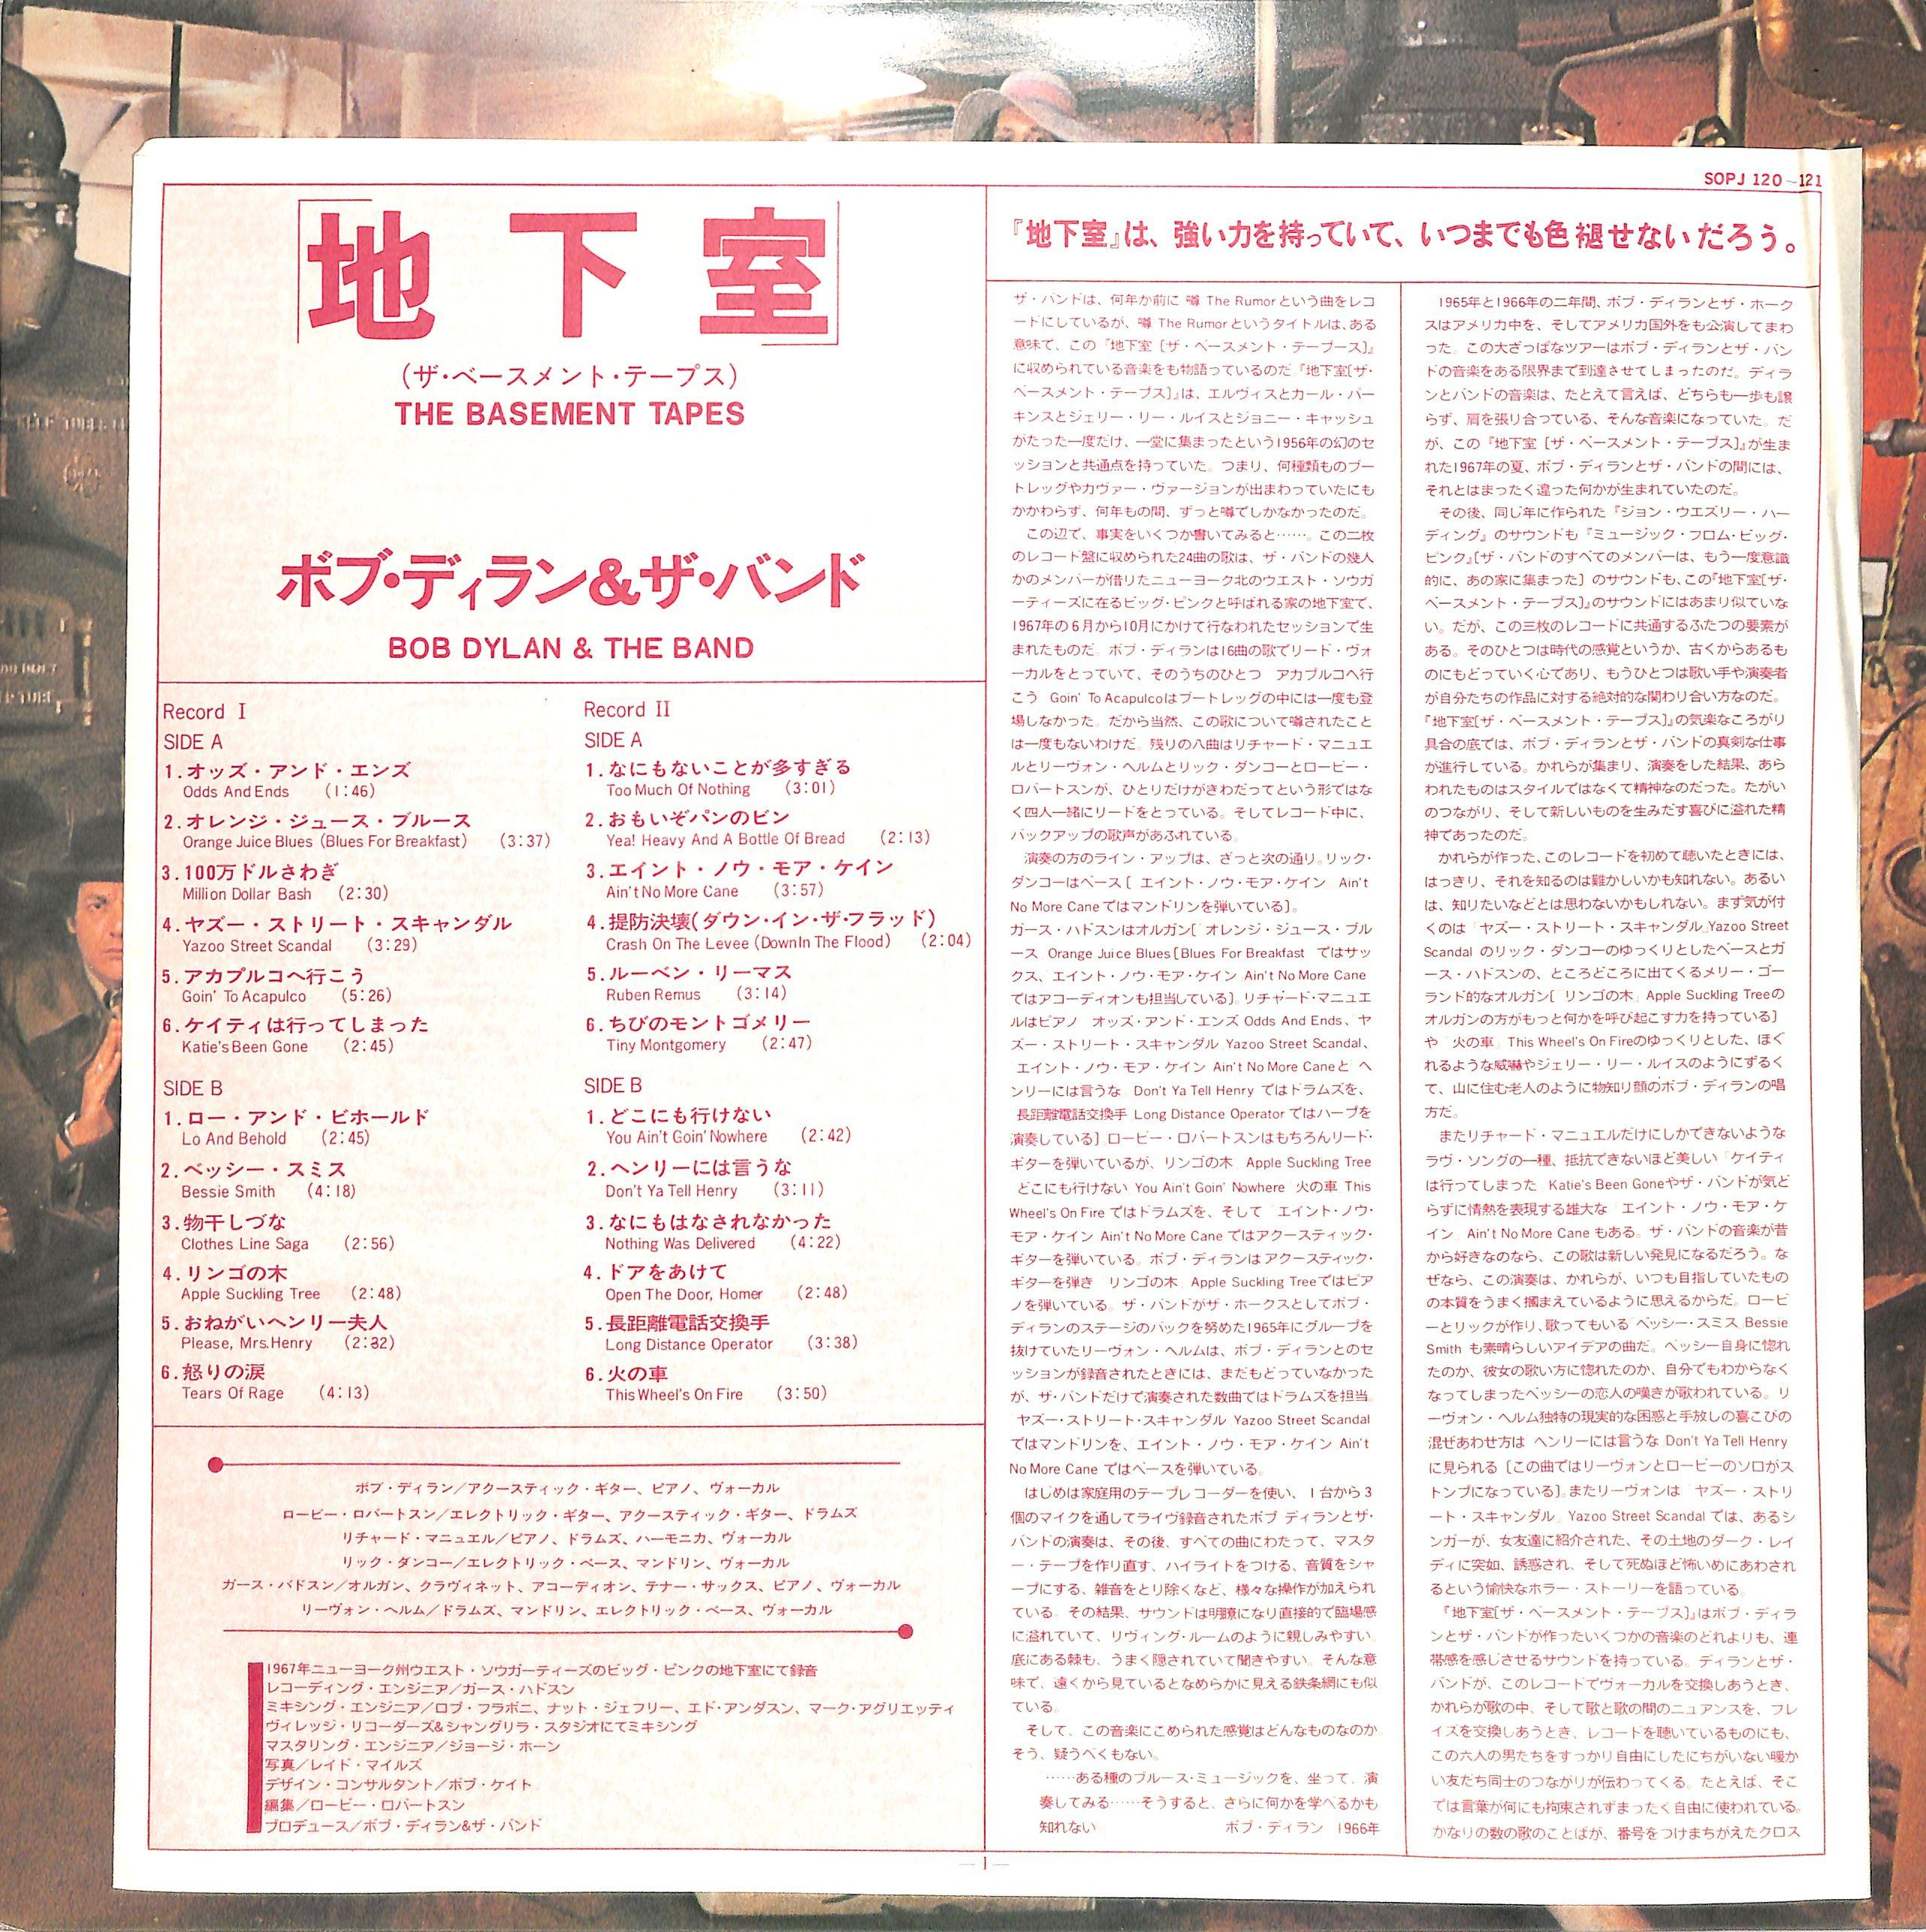 https://p1-e6eeae93.imageflux.jp/booksch/7d2649aed24b7b525992.jpg